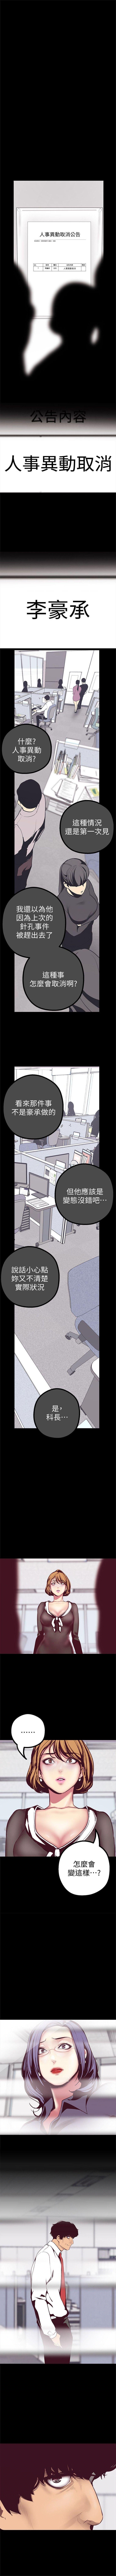 (周6)美丽新世界 1-61 中文翻译 (更新中) 115